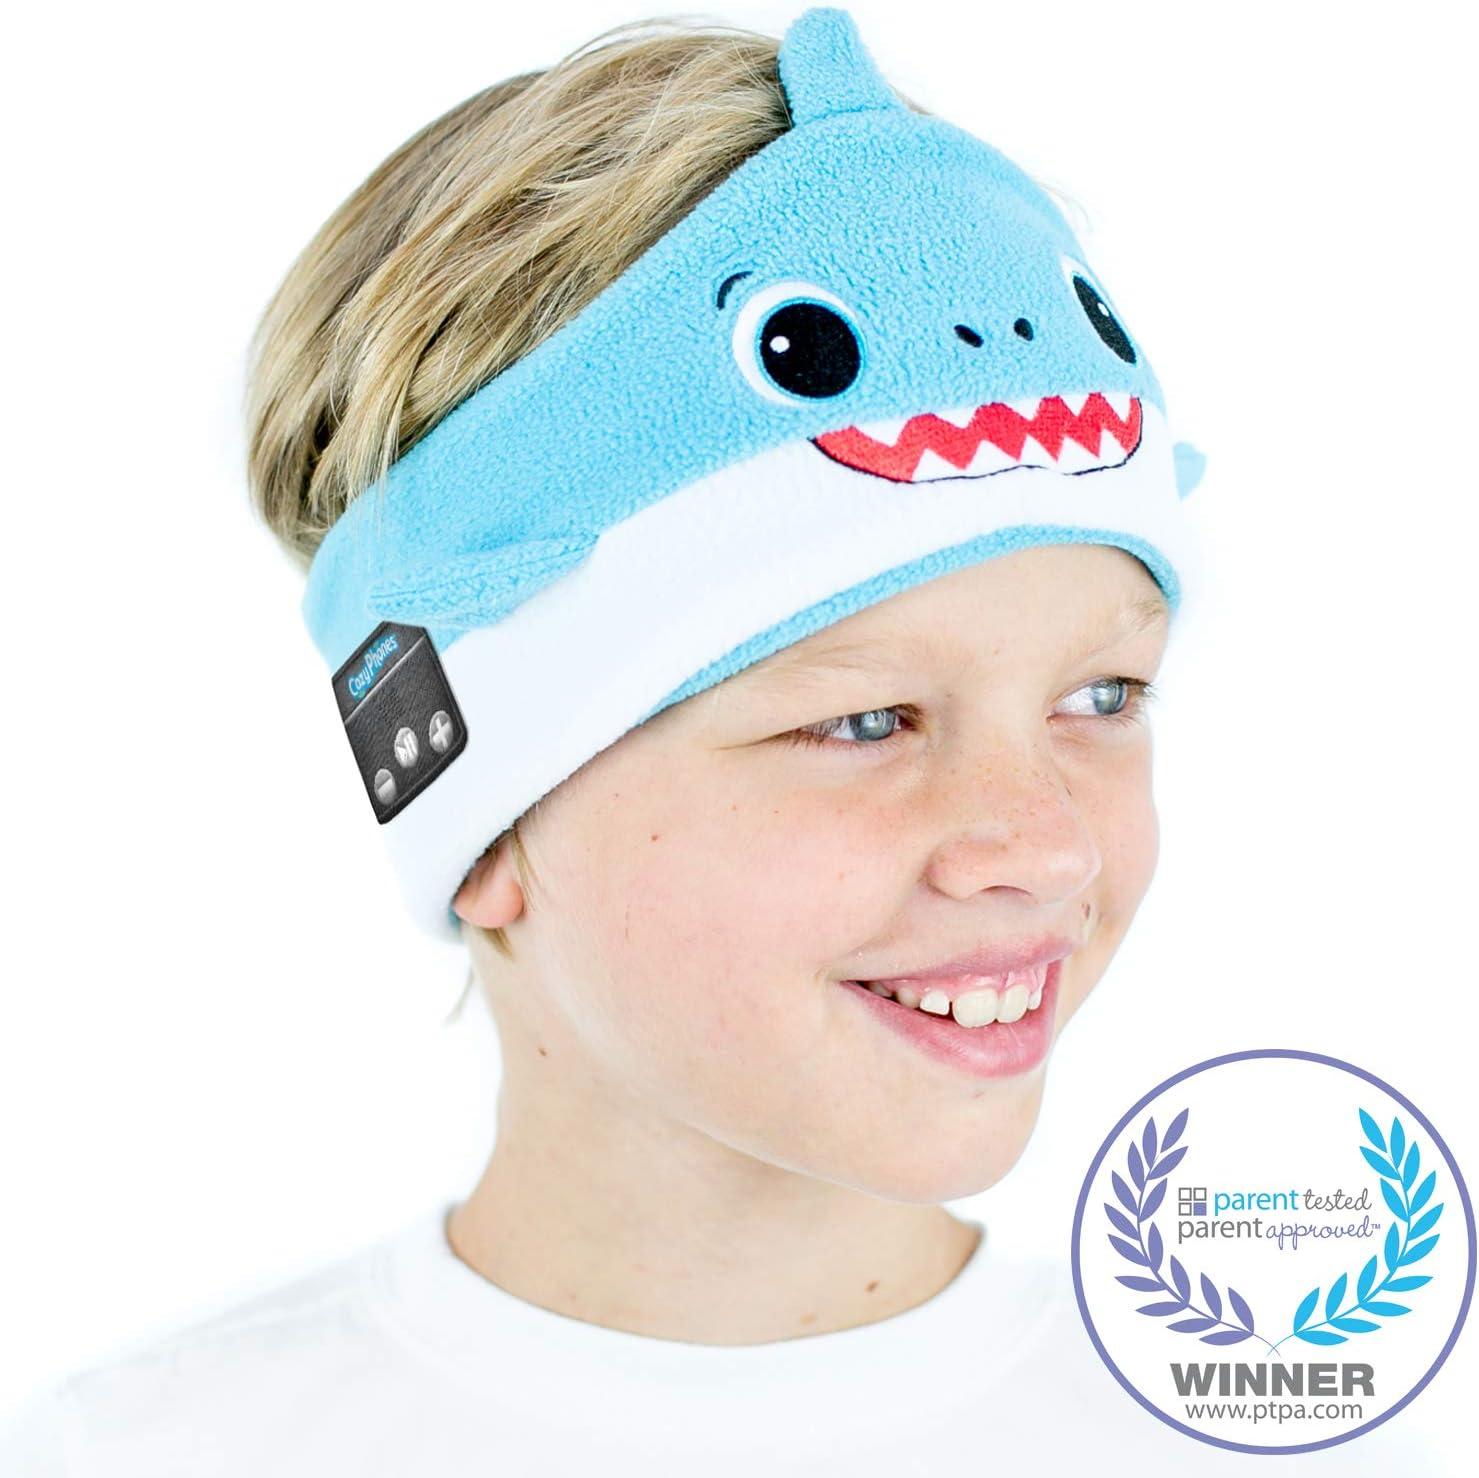 CozyPhones Kids Wireless Headphones Volume Limited with Thin Speakers & Super Soft Fleece Headband - Perfect Toddlers & Children's Earphones for Home, School & Travel - Shark